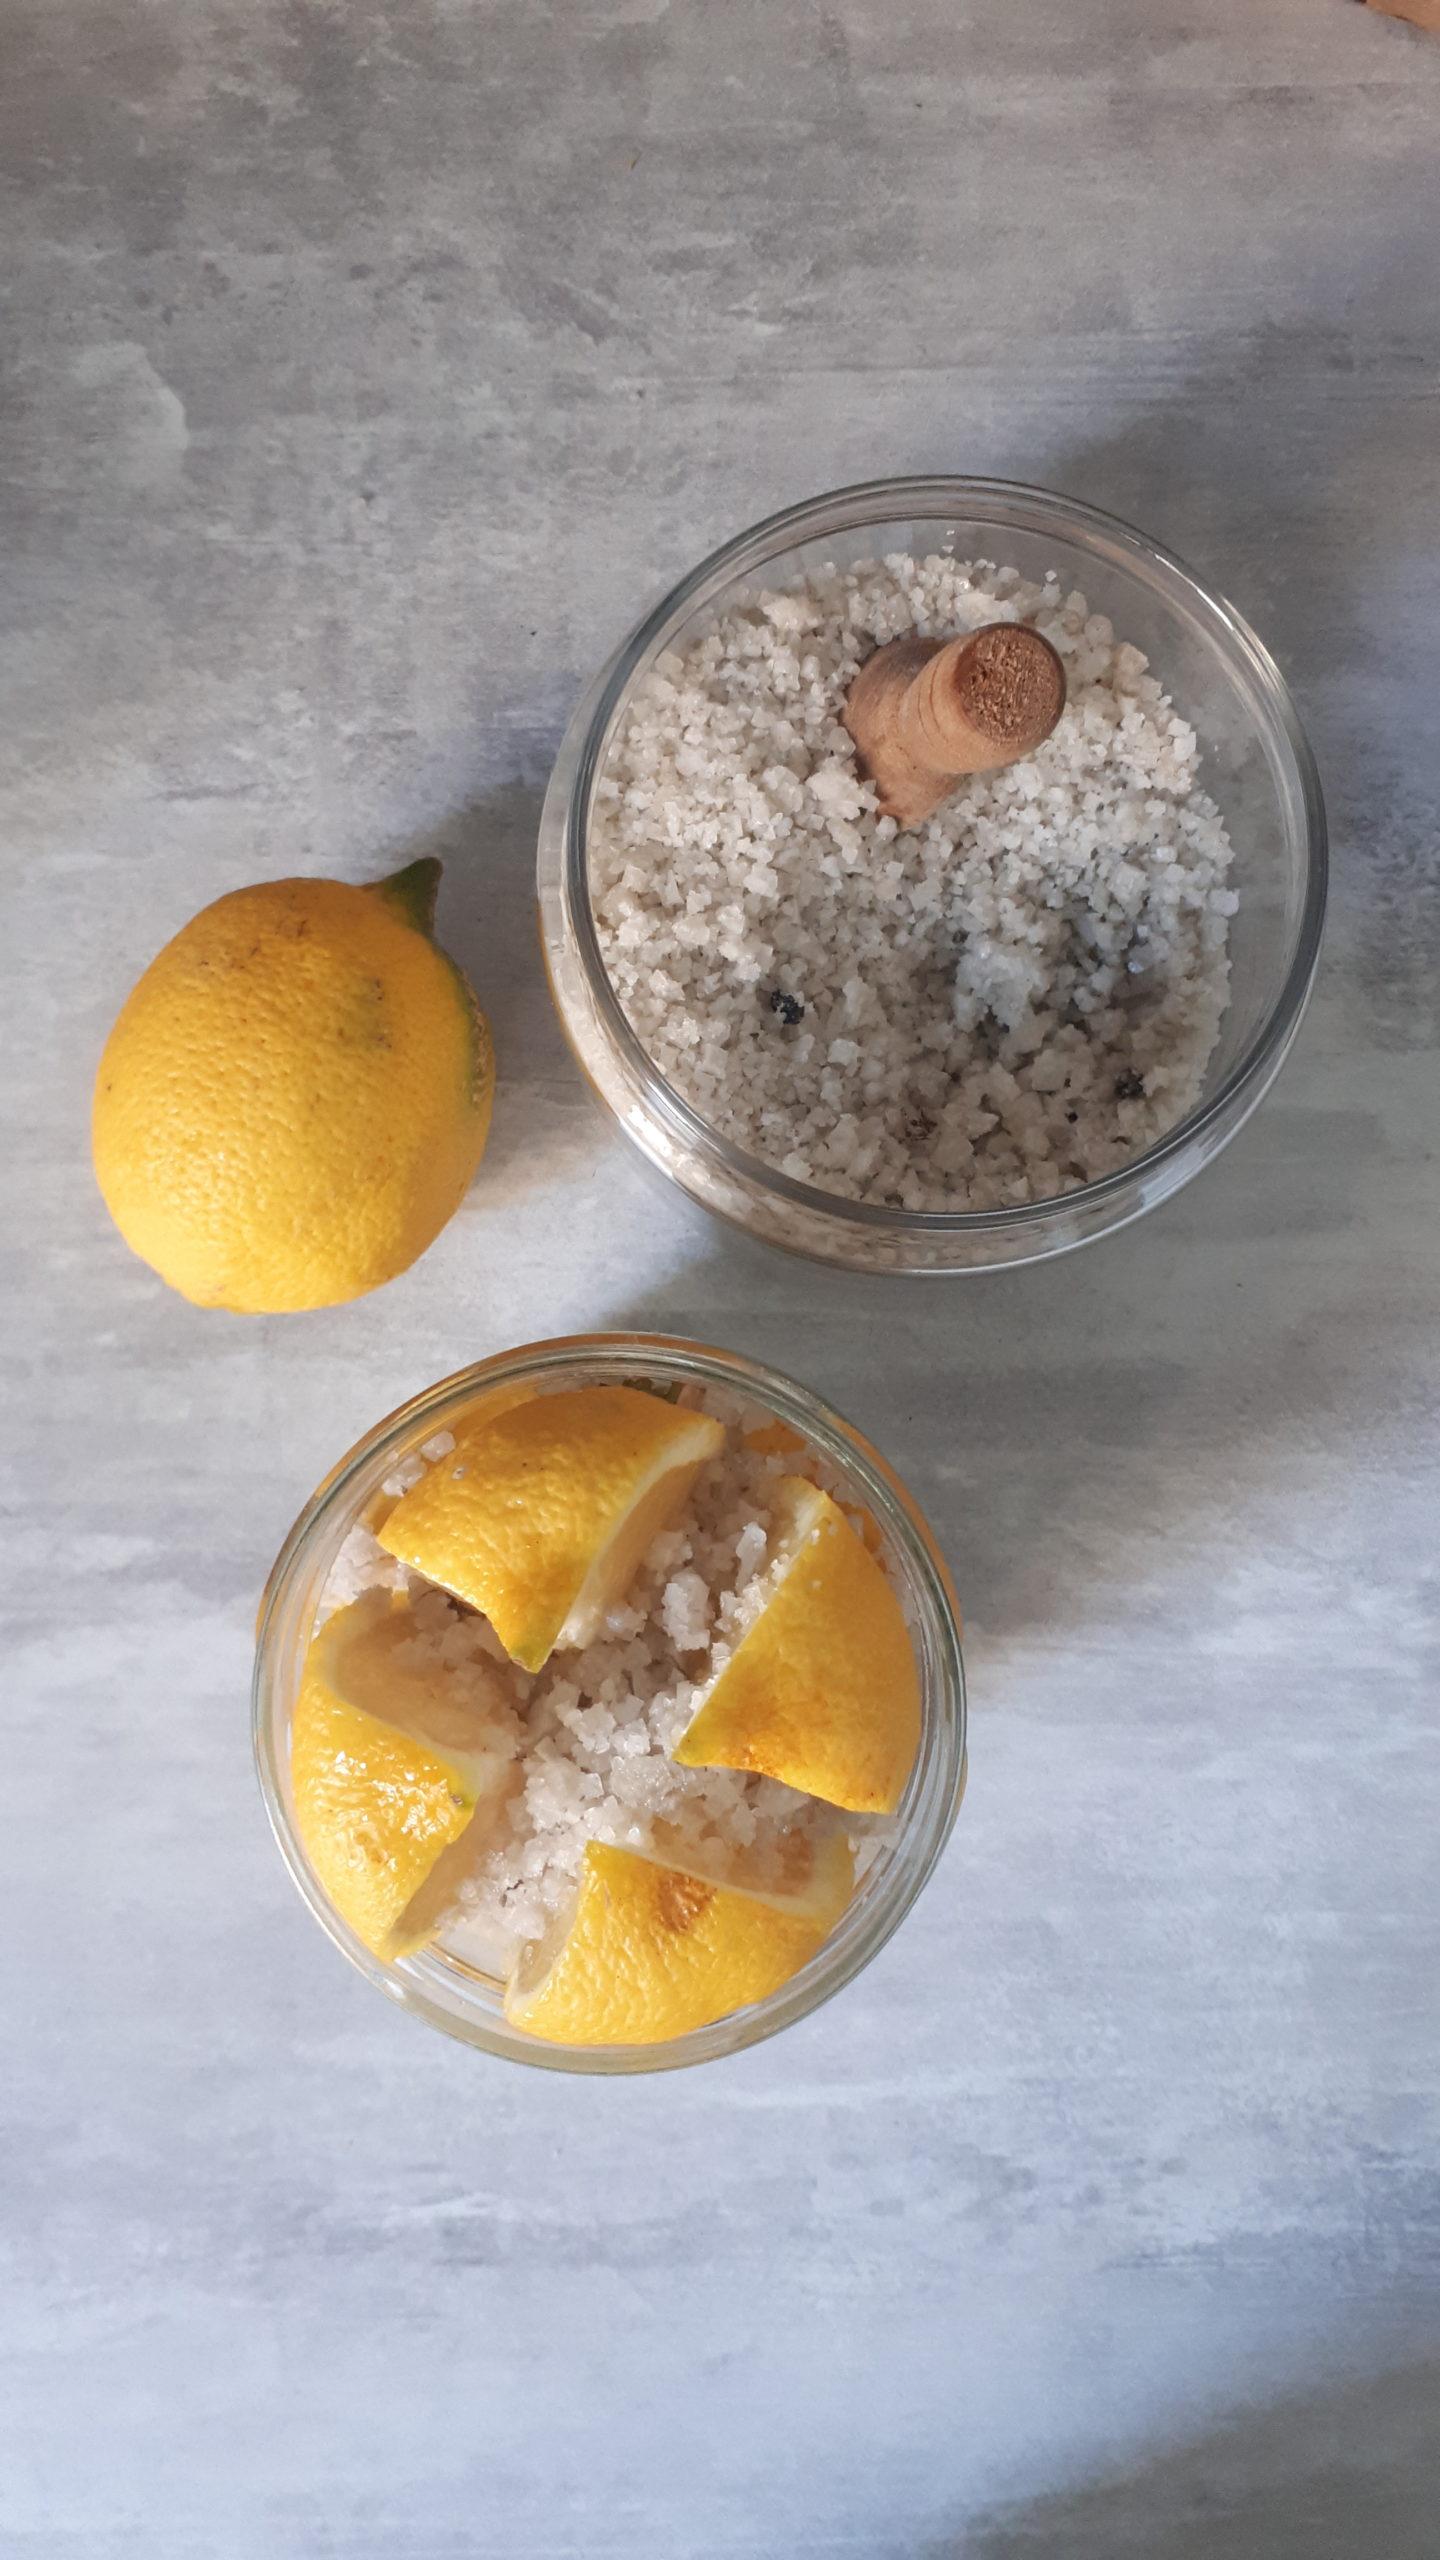 Citrons confits en cours de préparation